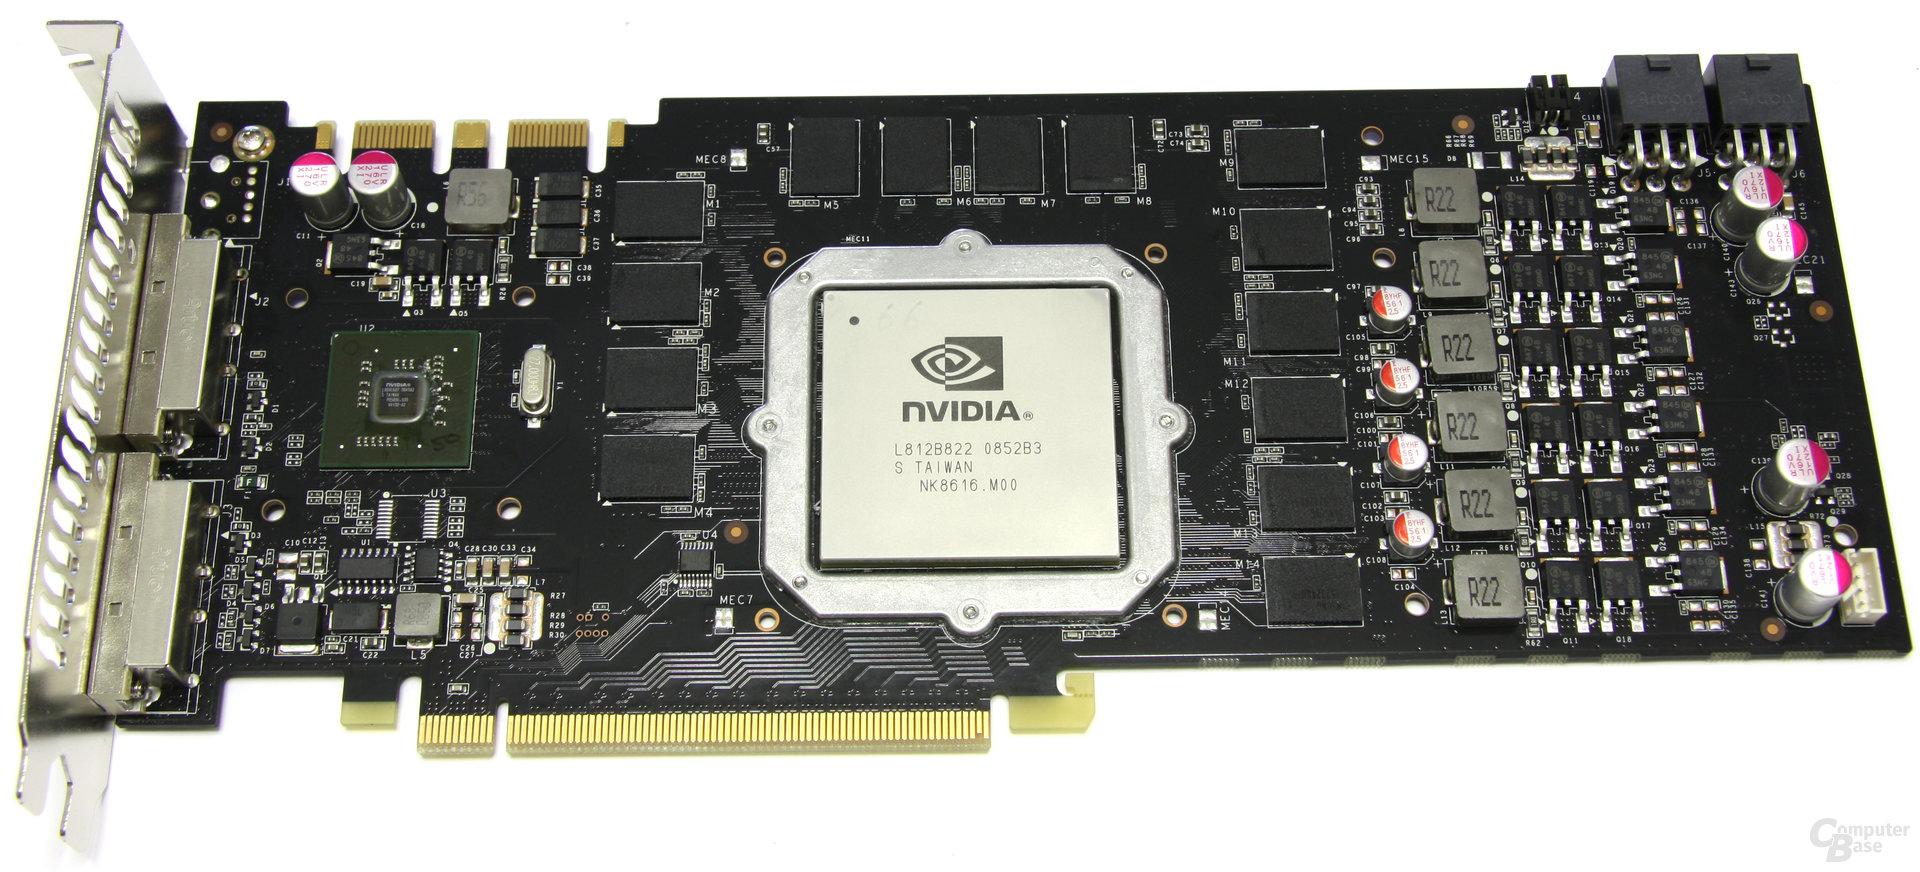 GeForce GTX 275 ohne Kühler